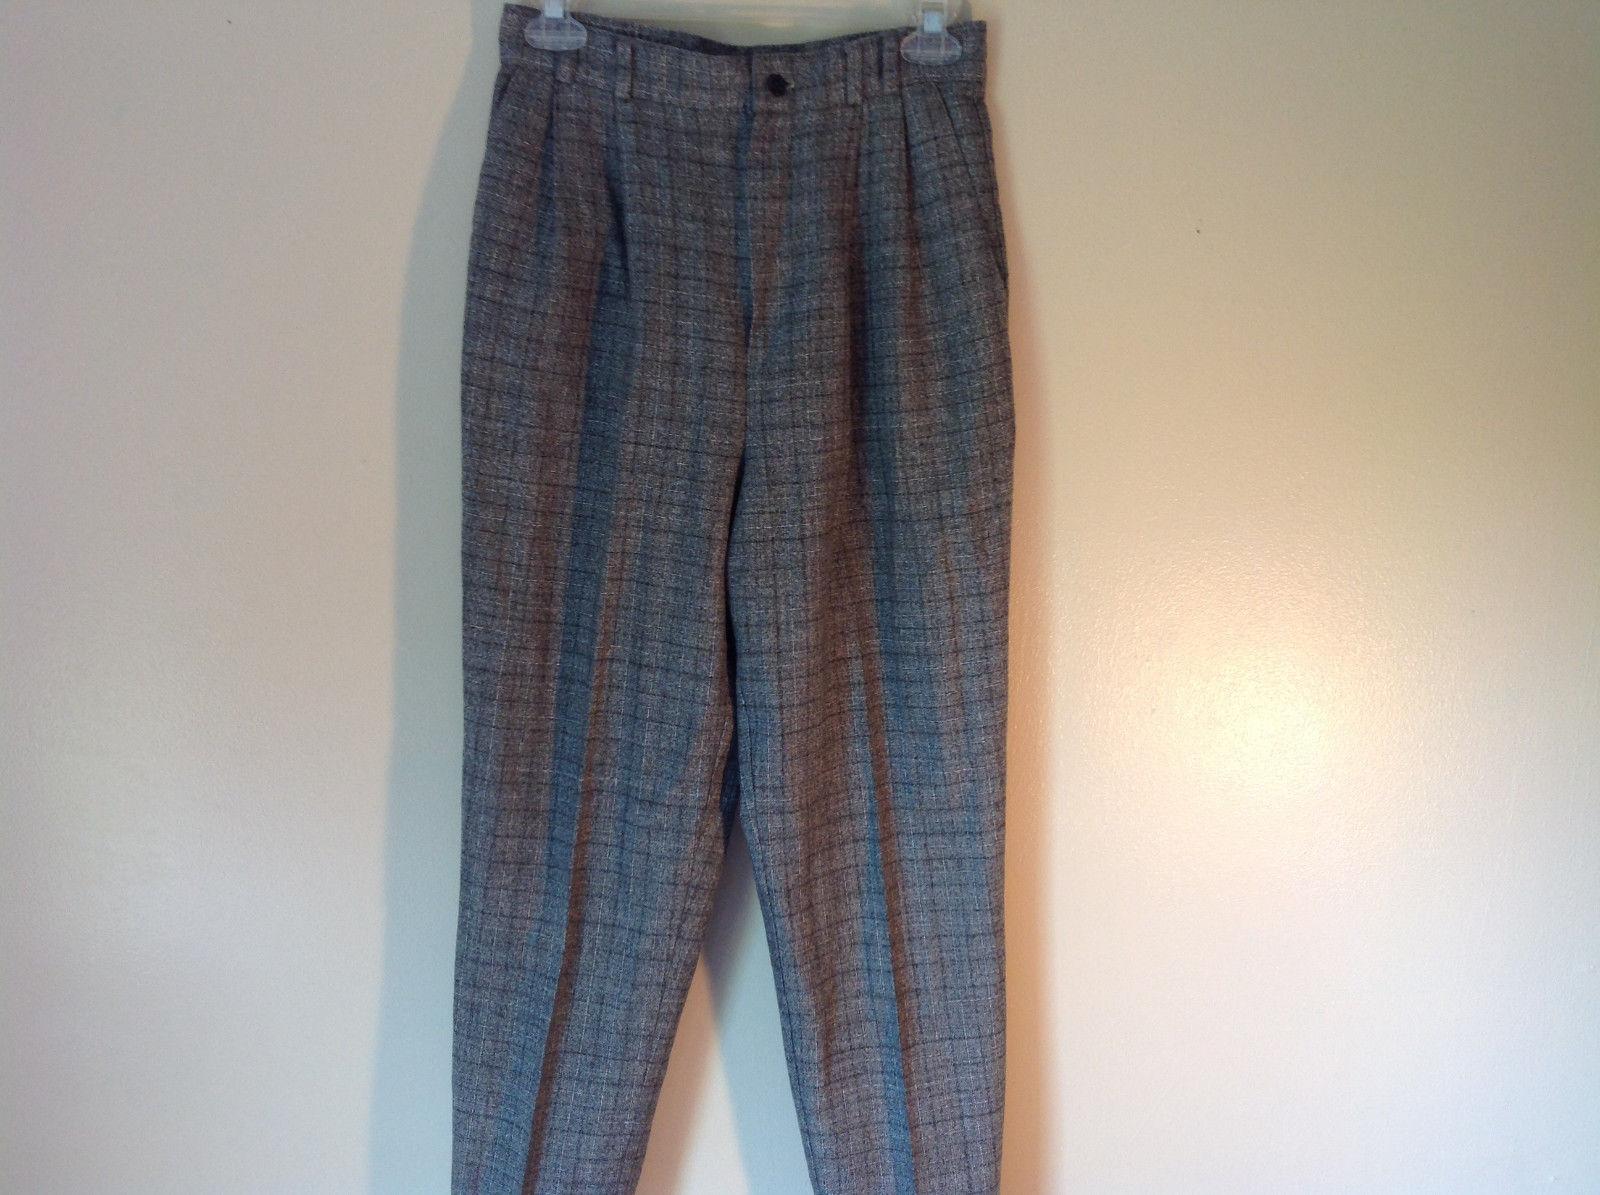 Gray Pants by Samantha USA 50 Percent Polyester 50% Rayon Size 8